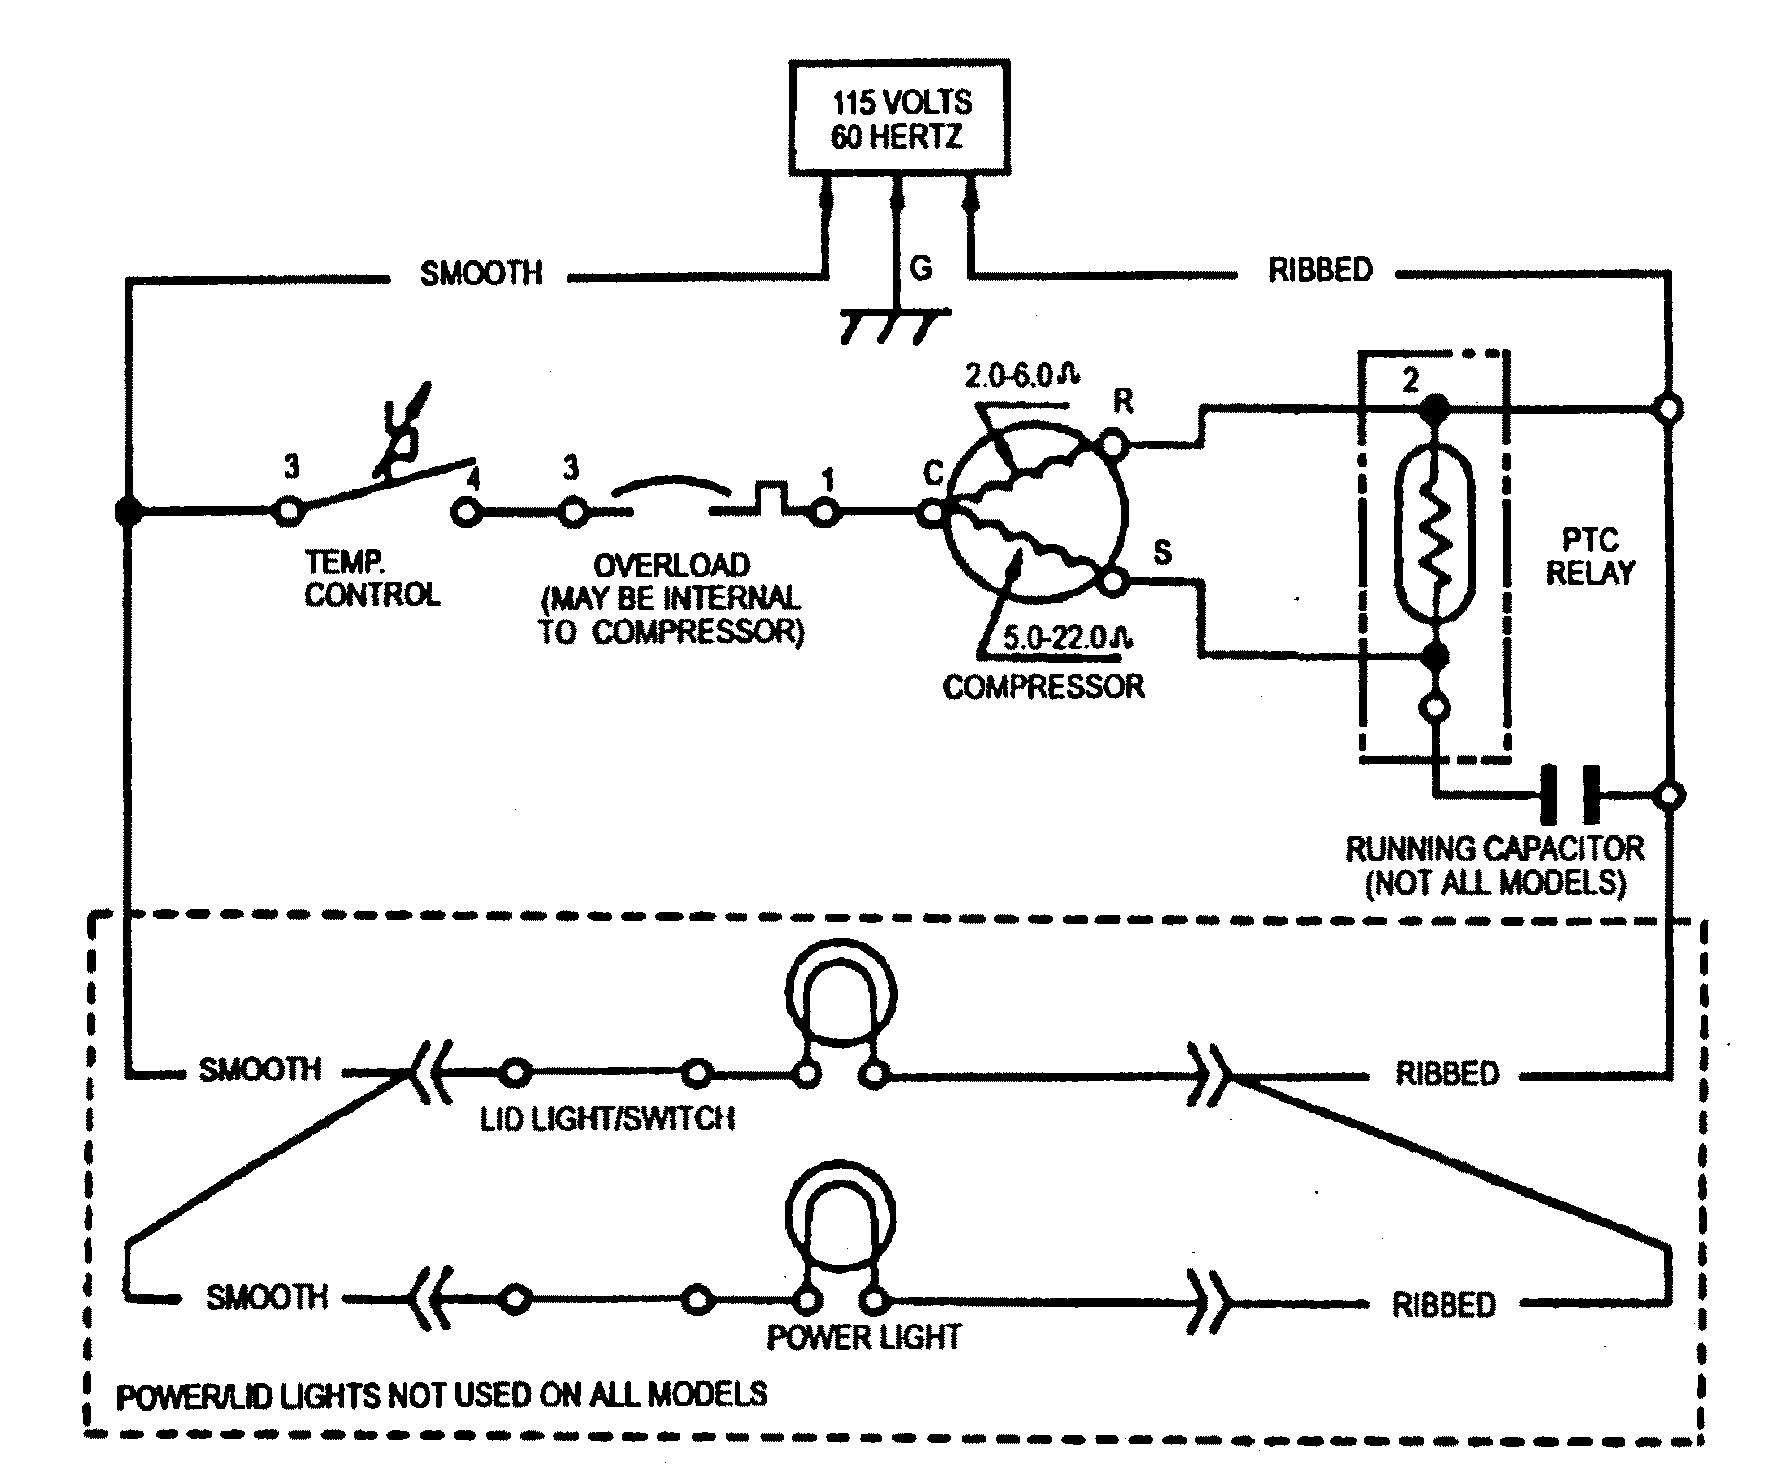 tempstar heat pump schematic wiring diagram for icp jeep cj7, Wiring diagram